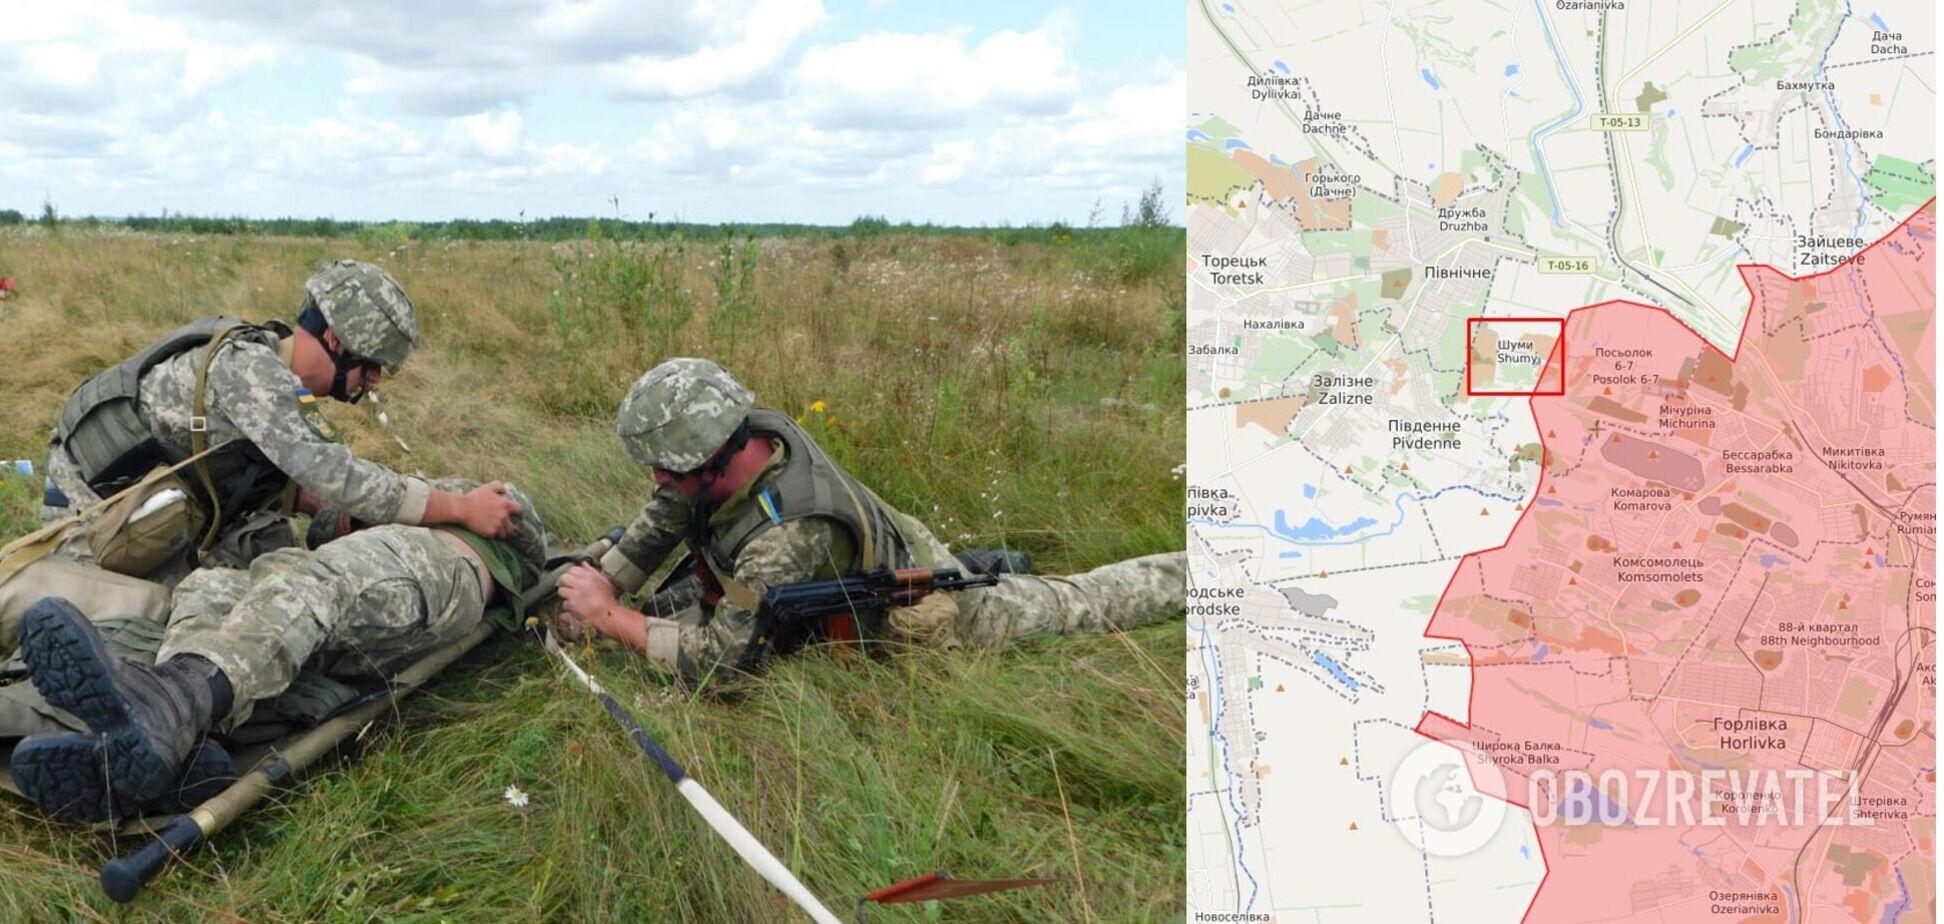 На Донбасі загинув воїн ЗСУ, РФ стягнула заборонену техніку і запустила фейки: що відбувається на лінії вогню